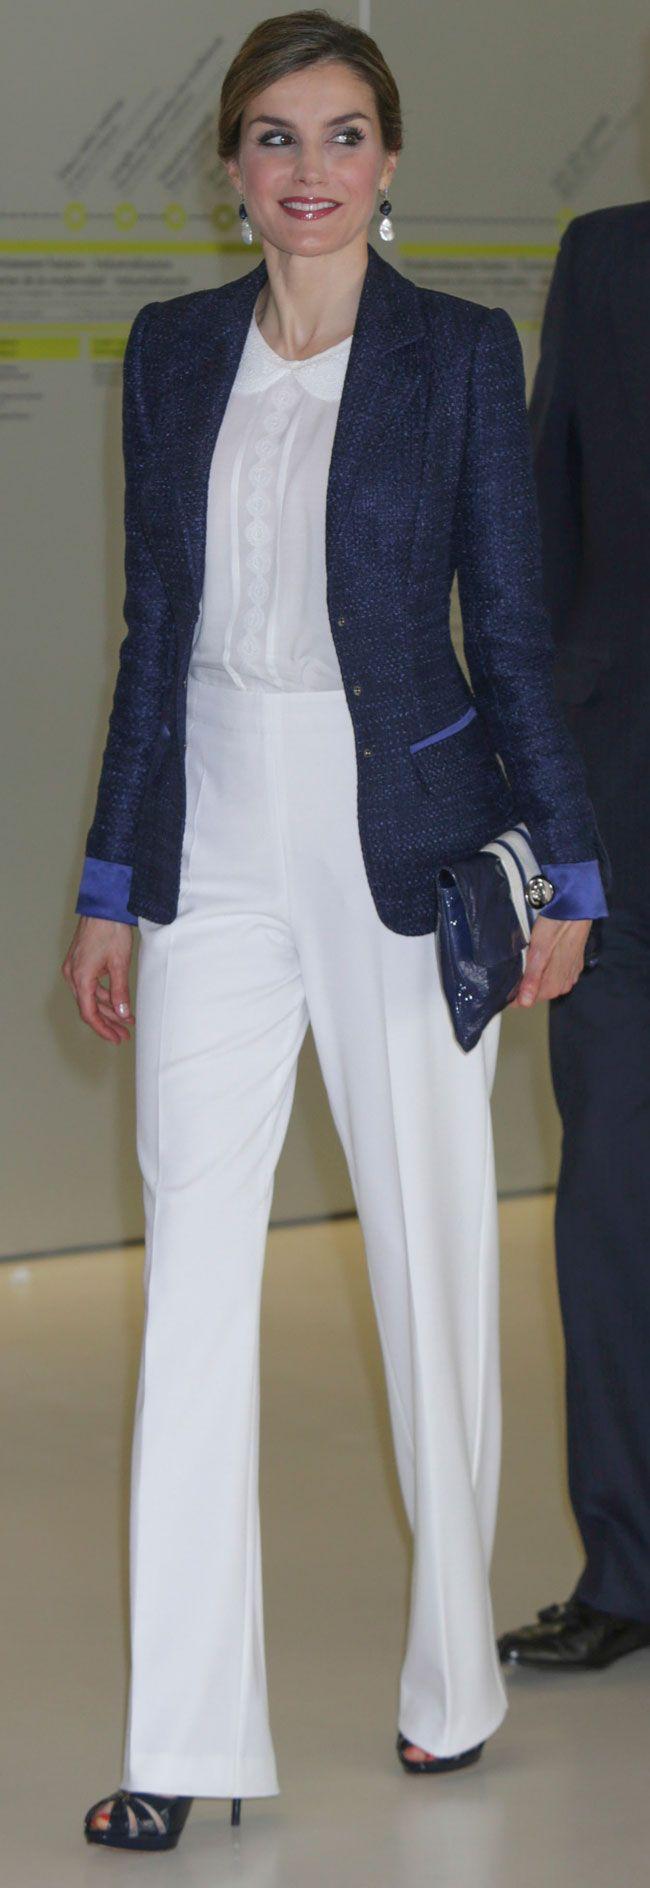 Los Reyes han visitado San Sebastián, donde Letizia ha lucido un conjunto blanco y azul marino.                                                                                                                                                                                 Más